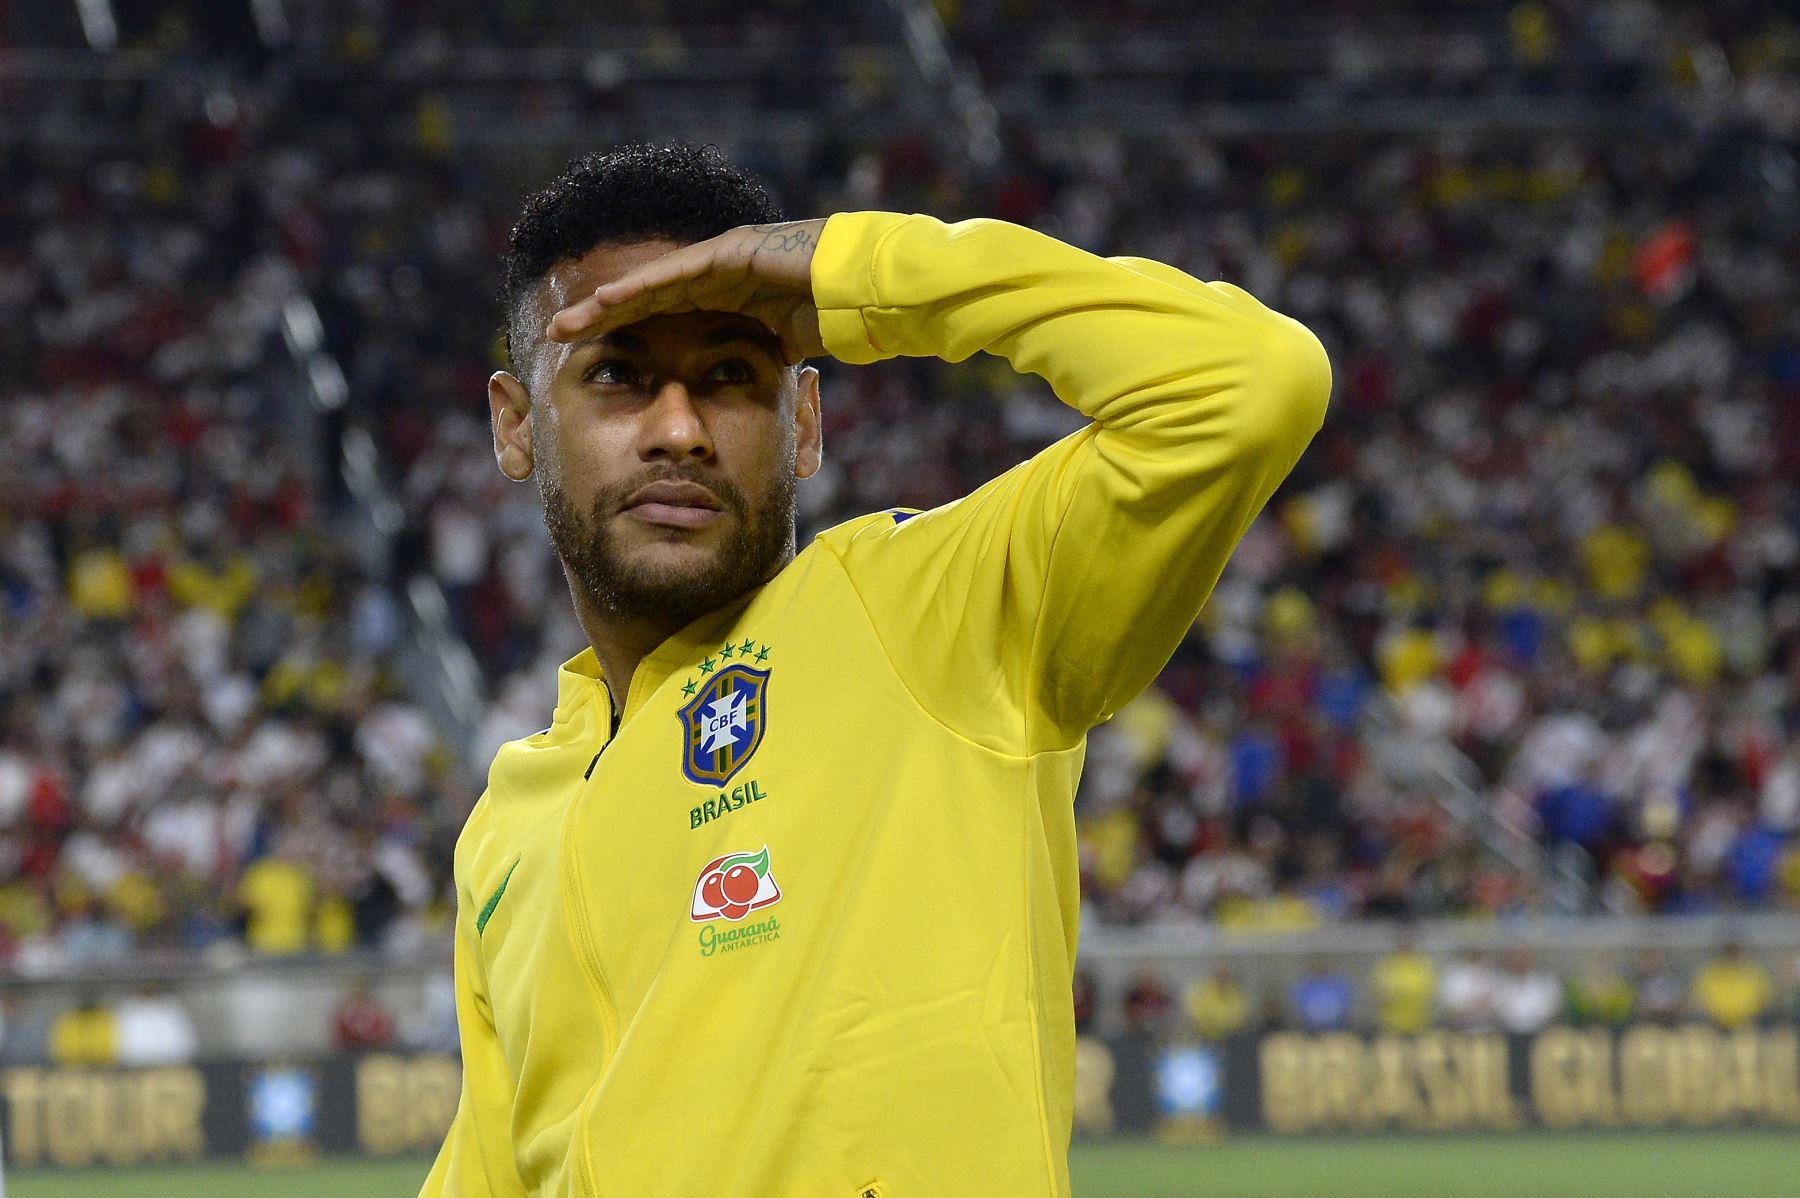 LOS ÁNGELES, CALIFORNIA - 10 DE SEPTIEMBRE: Neymar Jr. # 10 de Brasil mira durante el medio tiempo en el partido de la Copa de Campeones Internacional 2019 contra Perú el 10 de septiembre de 2019.AFP